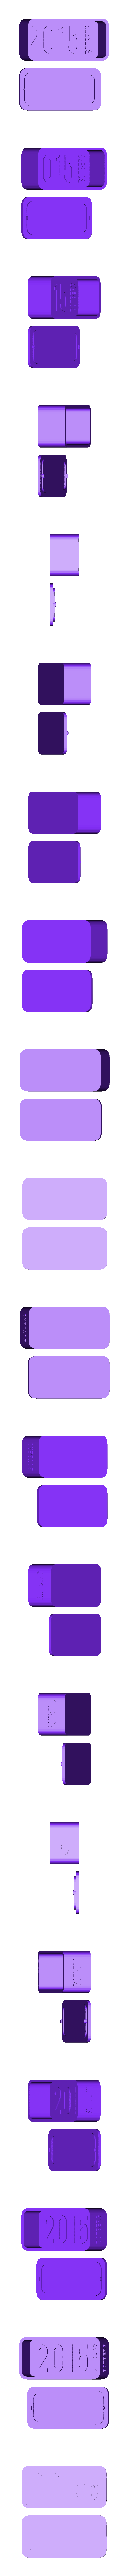 red_box_60x30mm.stl Télécharger fichier STL gratuit Boîte rouge d'usage général 60 x 30mm • Design pour impression 3D, Lorrainedelgado3DBEES